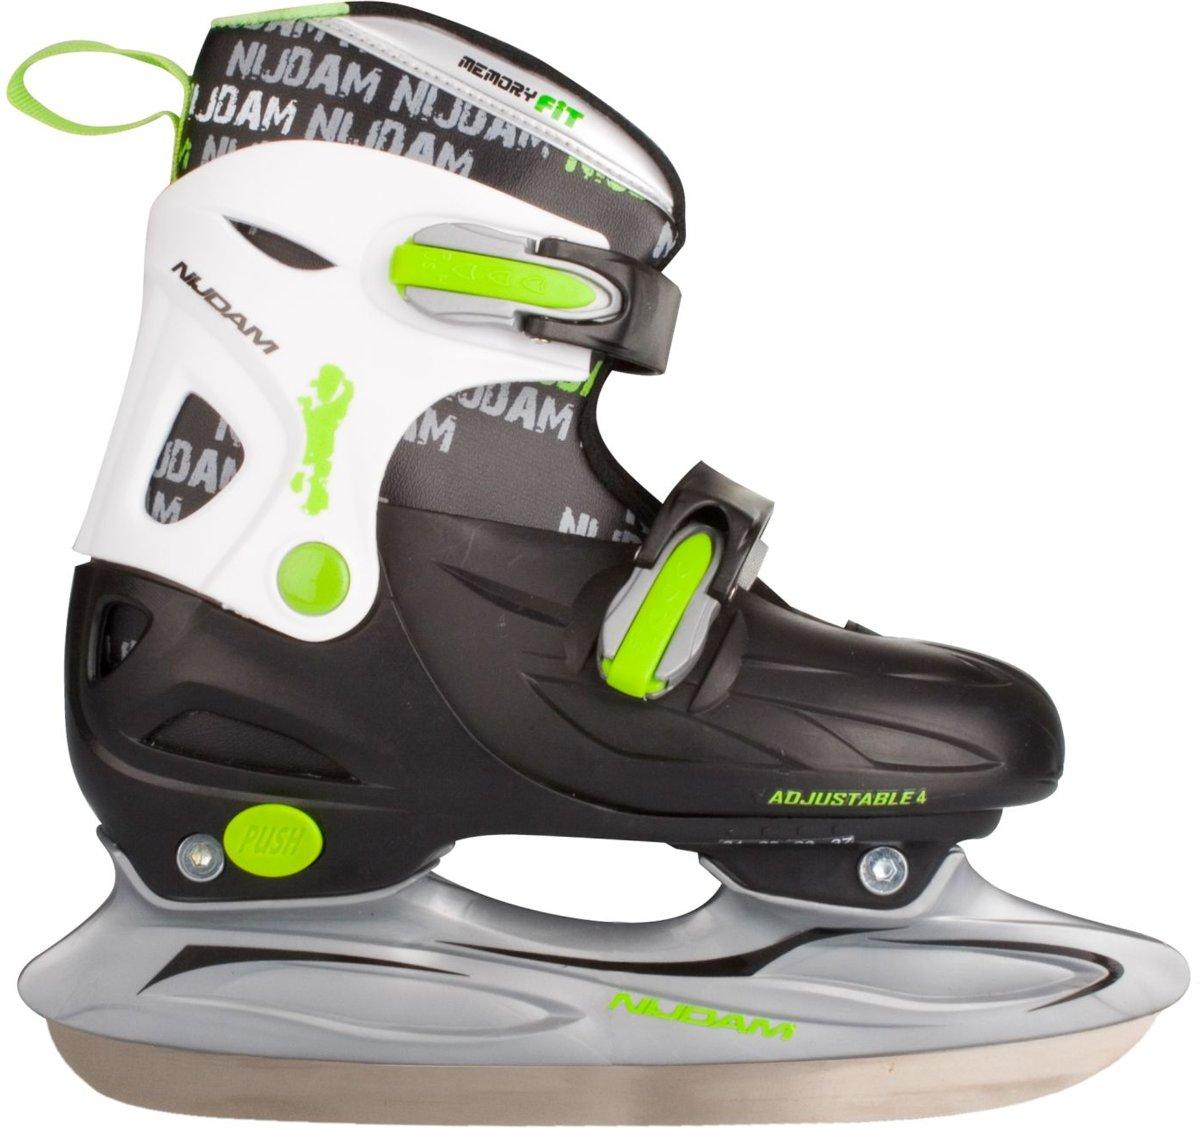 Nijdam 3010 Junior IJshockeyschaats - Verstelbaar - Hardboot - Zwart/Wit/Groen - Maat 38-41